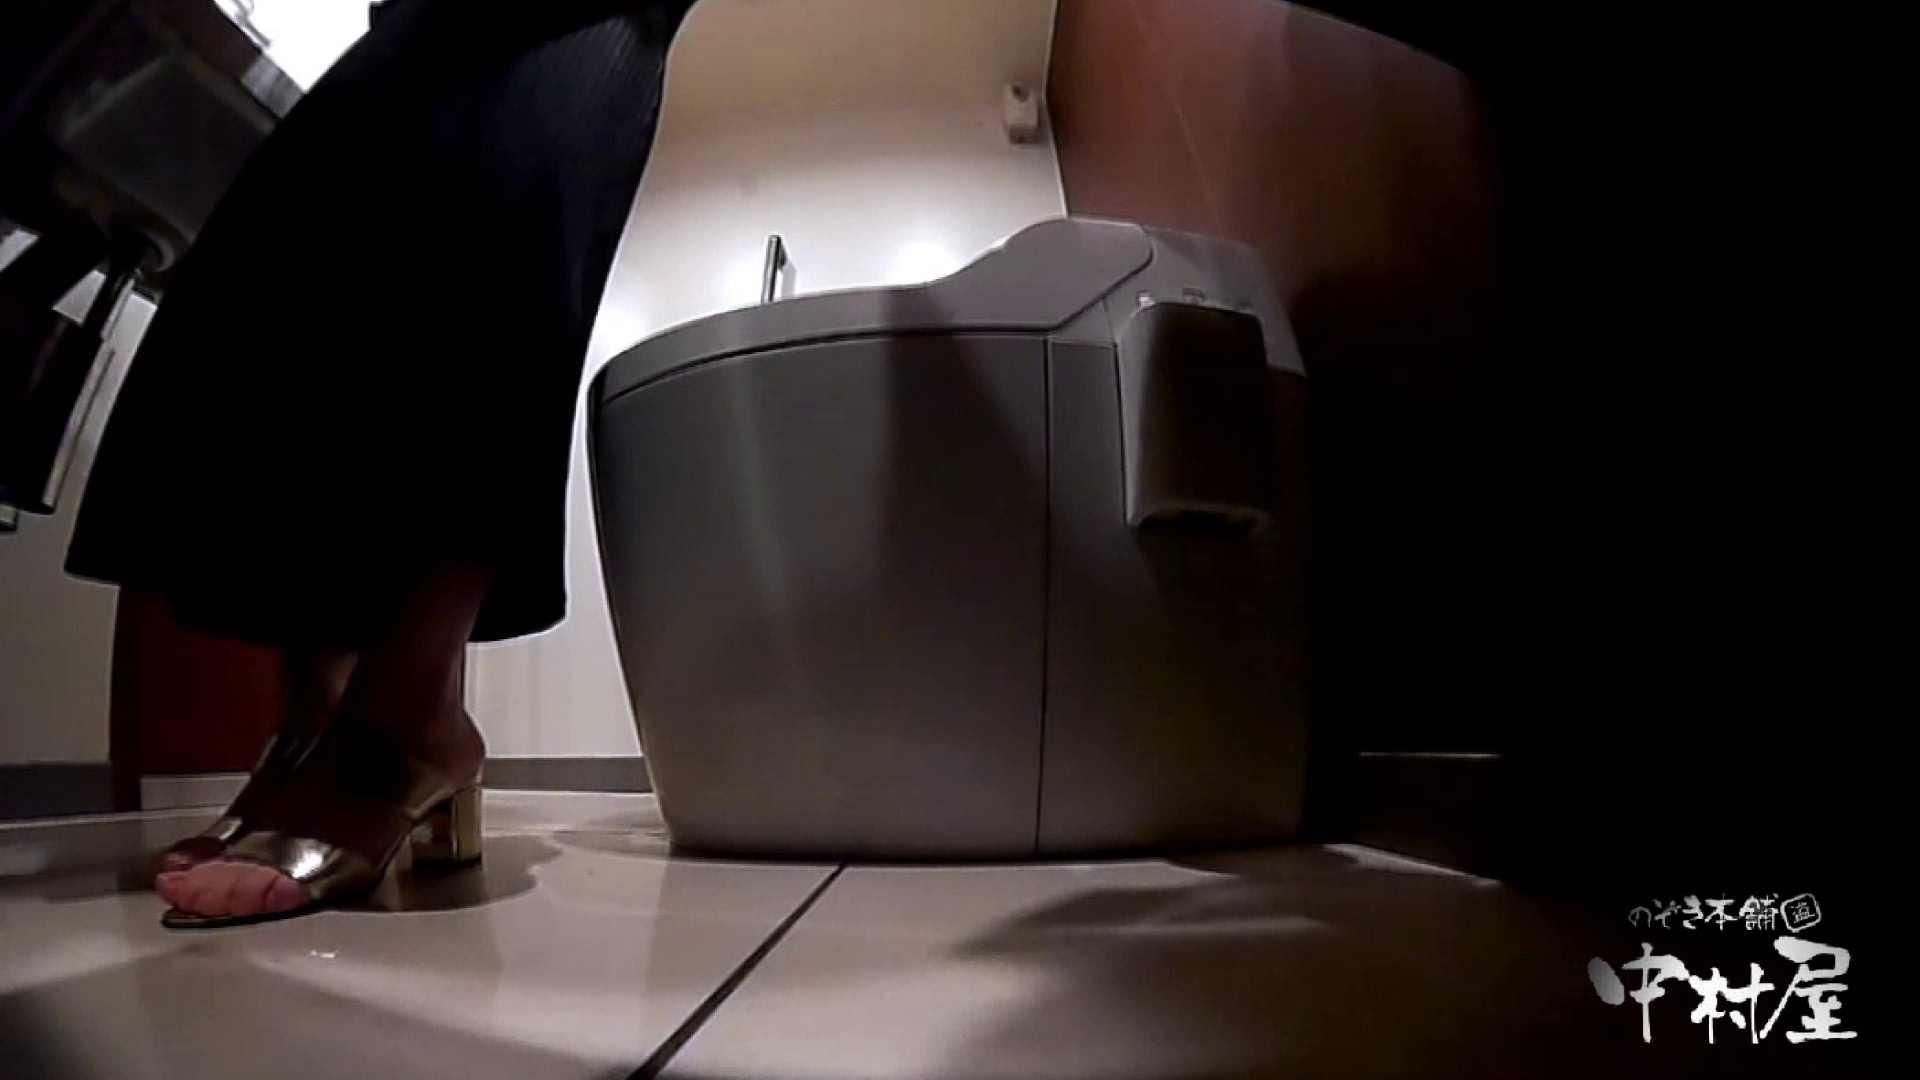 高画質トイレ盗撮vol.19 高画質 盗撮おめこ無修正動画無料 94画像 53